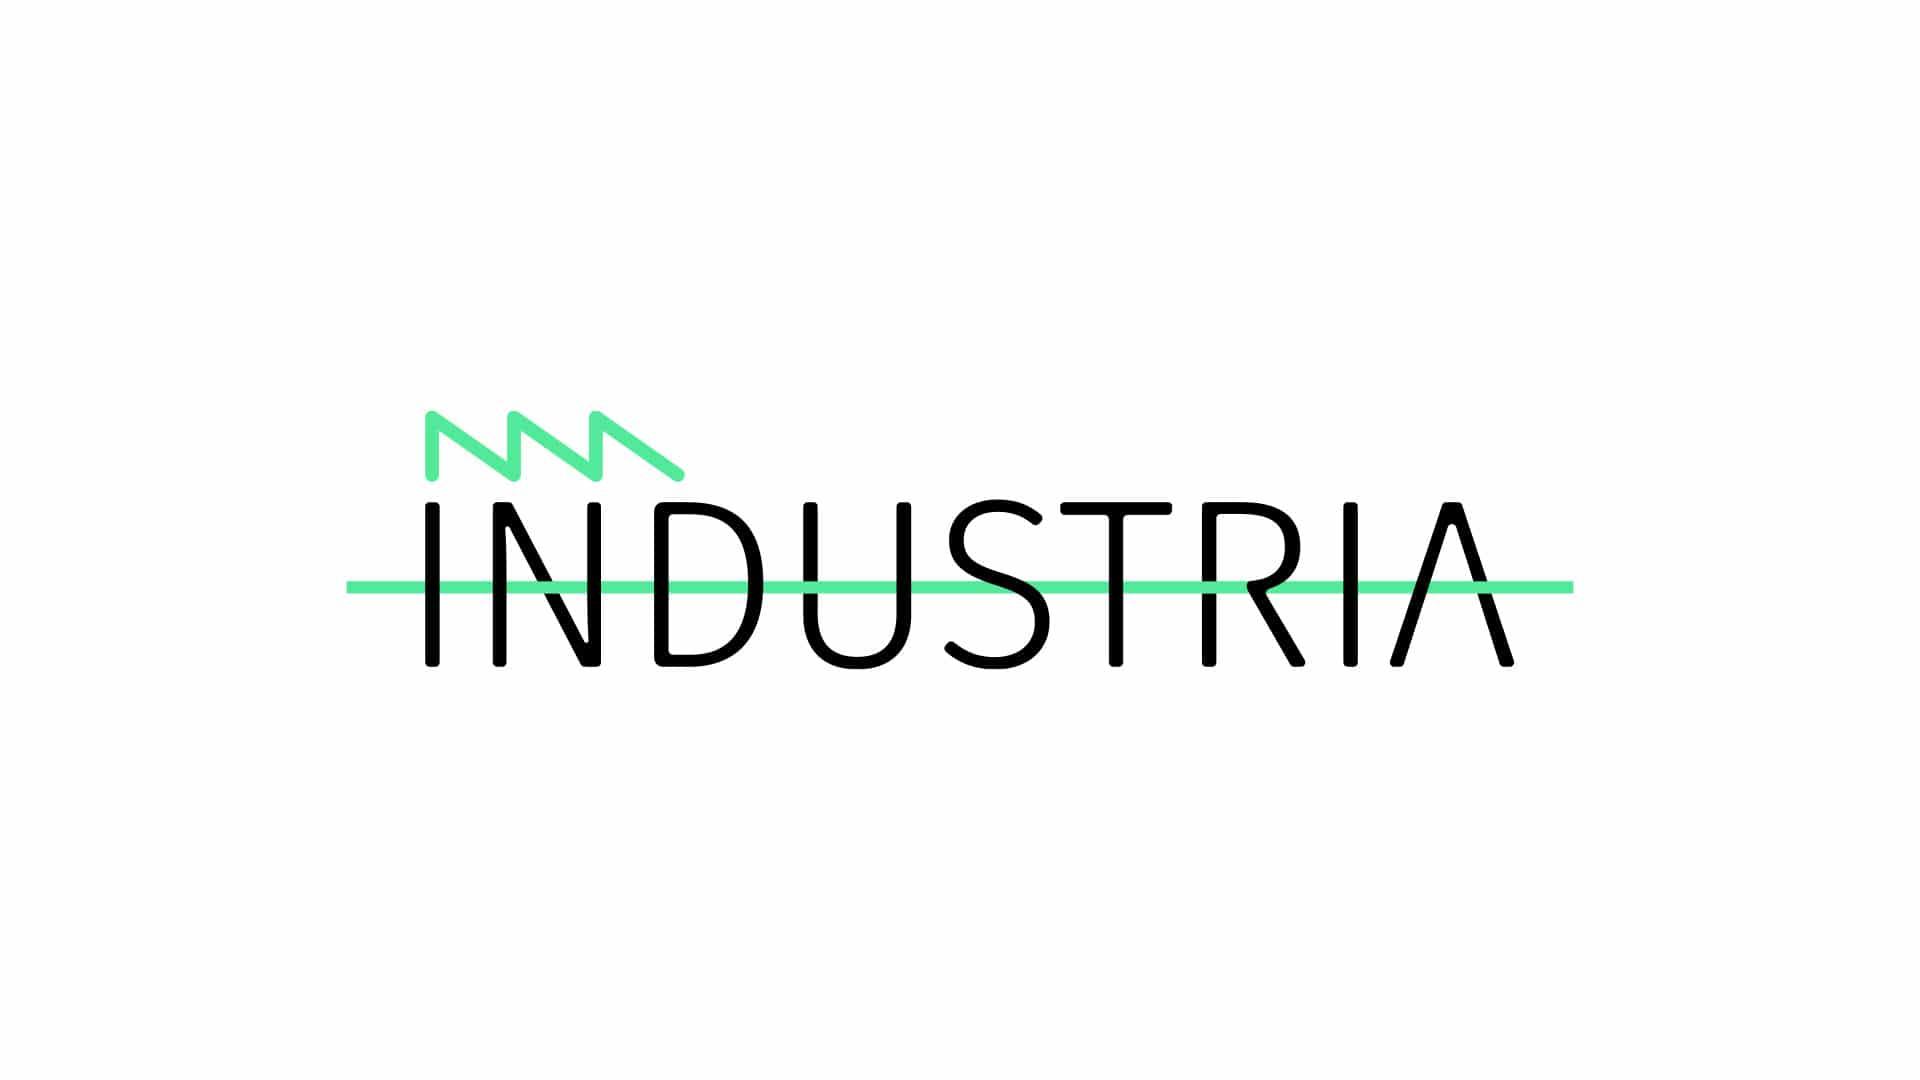 00 industria design logotipo grafico milano